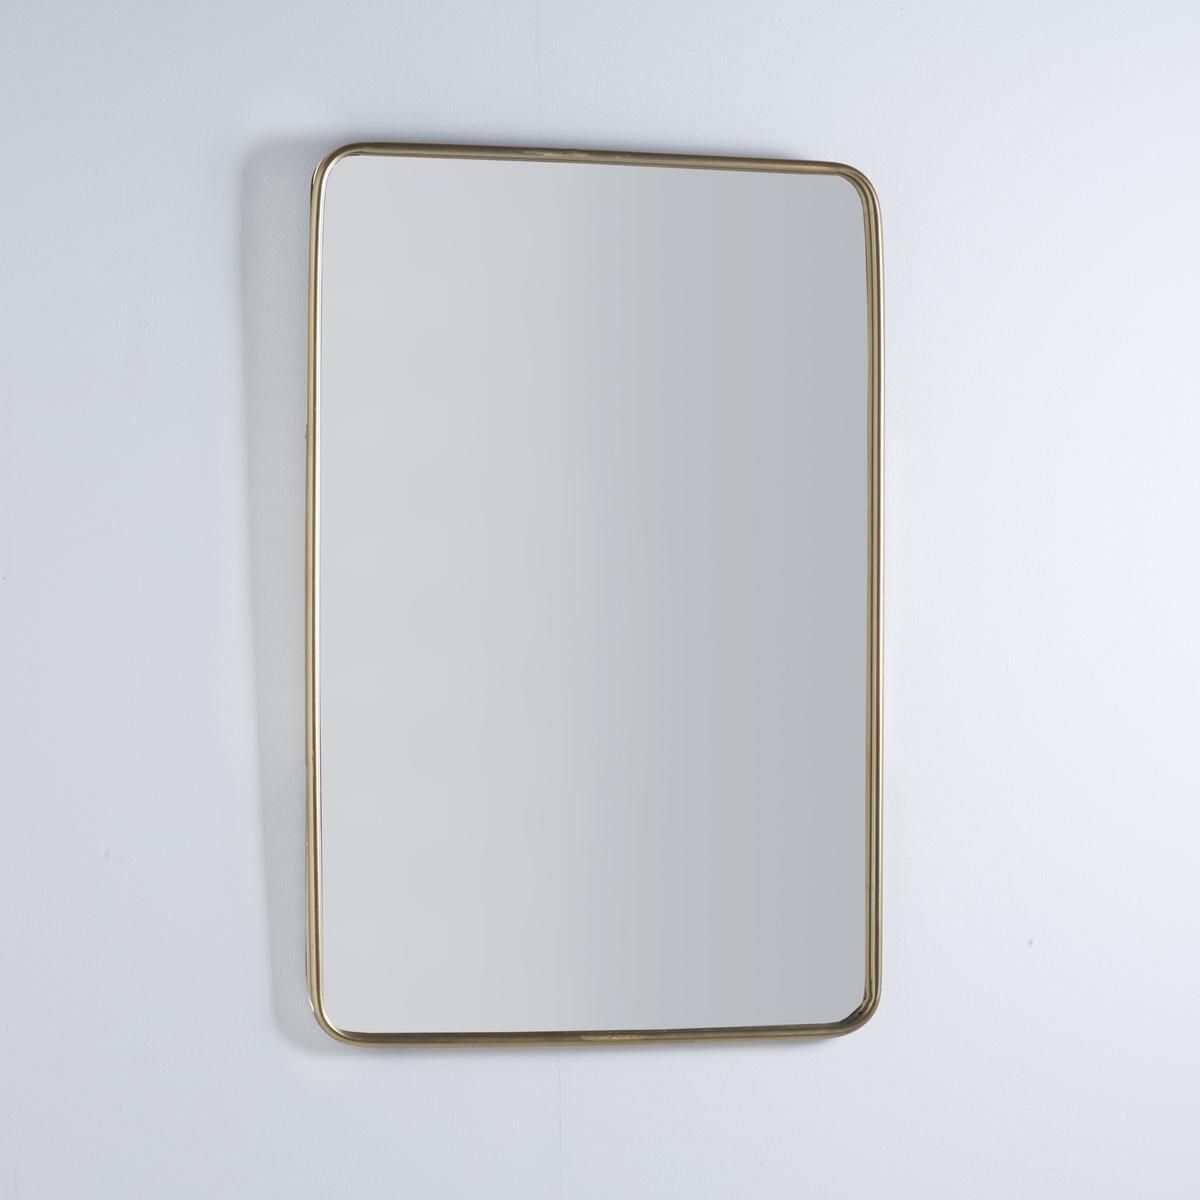 Зеркало винтажное, IodusЗеркало винтажное, Iodus. В стиле ретро, зеркало Iodus крепится горизонтально или вертикальноВинтаж всё время в моде.Описание:- Рамка металлическая, отделка из латуни. - Крепления на стену (шурупы и дюбеля не прилагаются).Размеры:- Ширина: 60 см.- Высота: 90 см.<br><br>Цвет: латунь